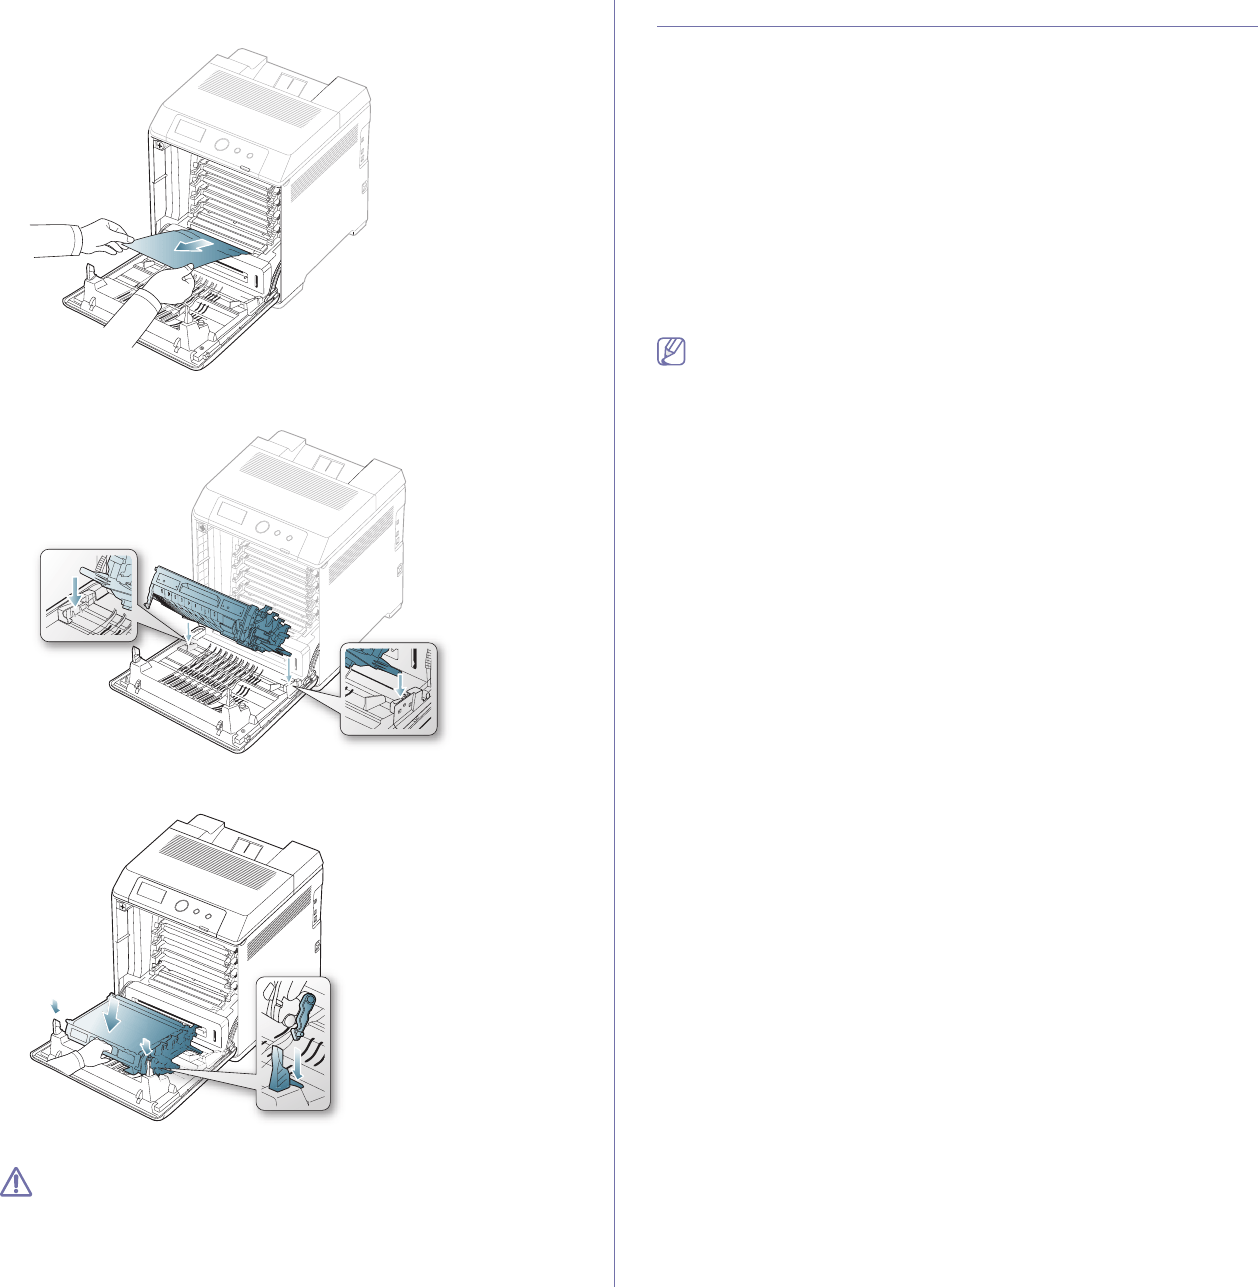 Samsung CLP-775 SERIES, CLP775ND Understanding display